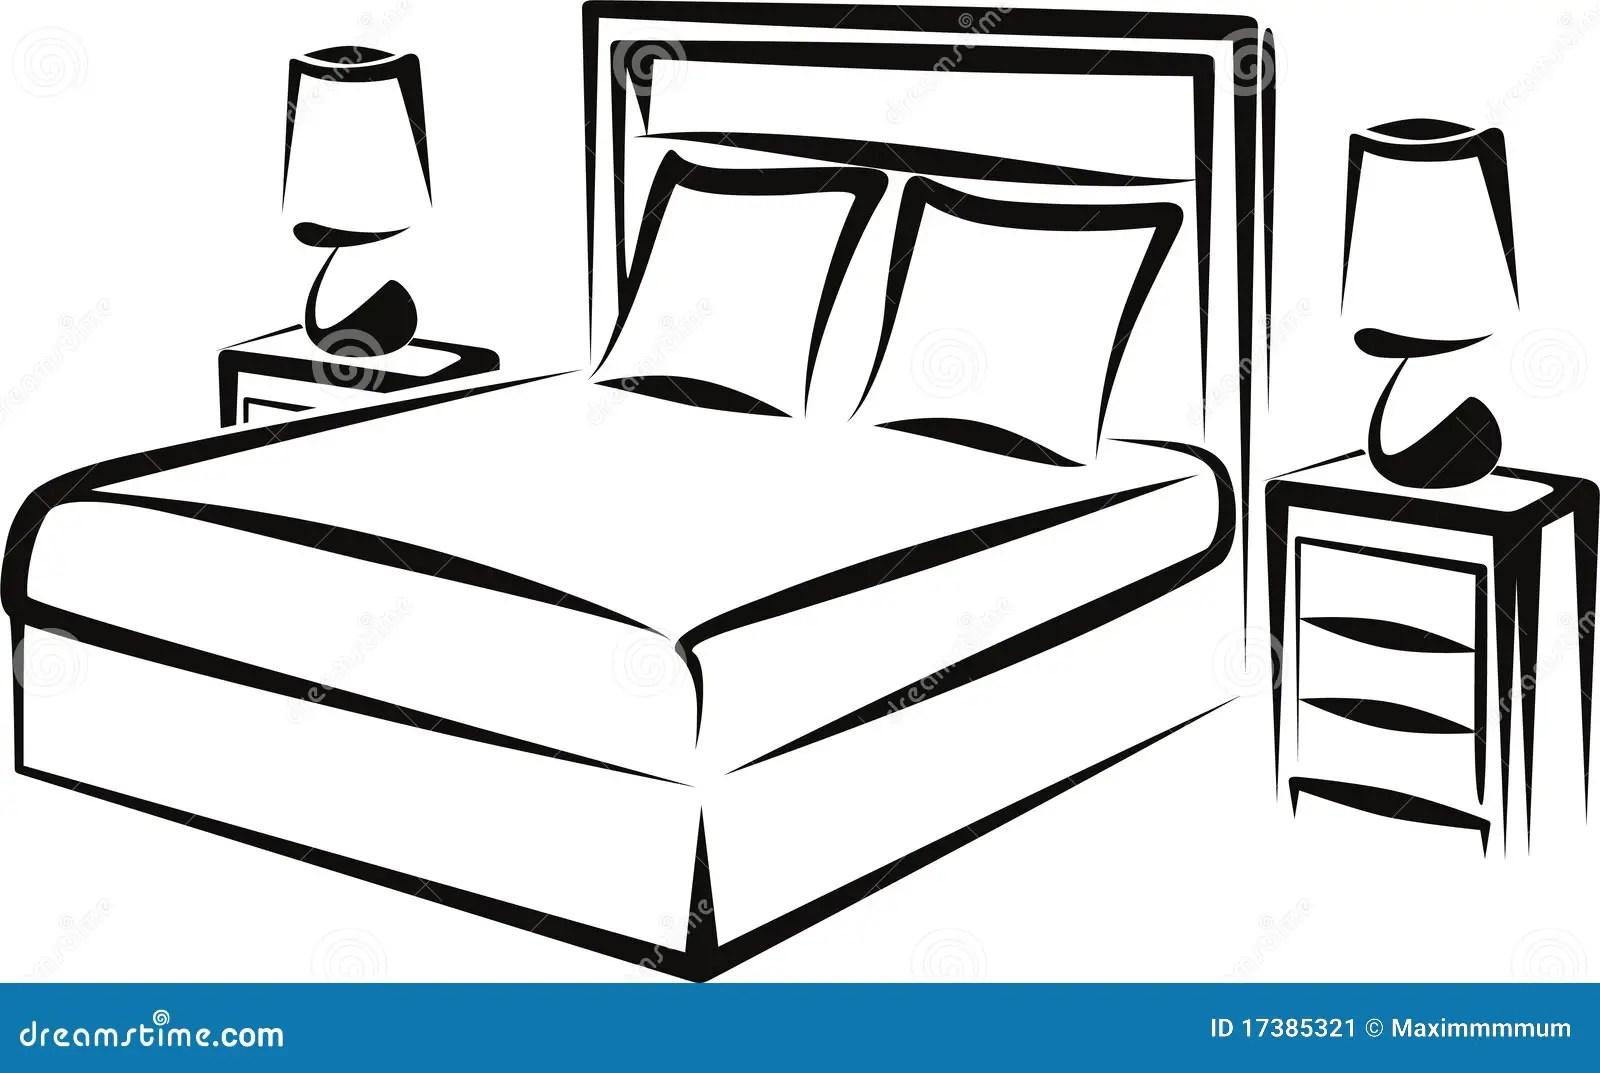 Bedroom Stock Vector Illustration Of Interior Headboard